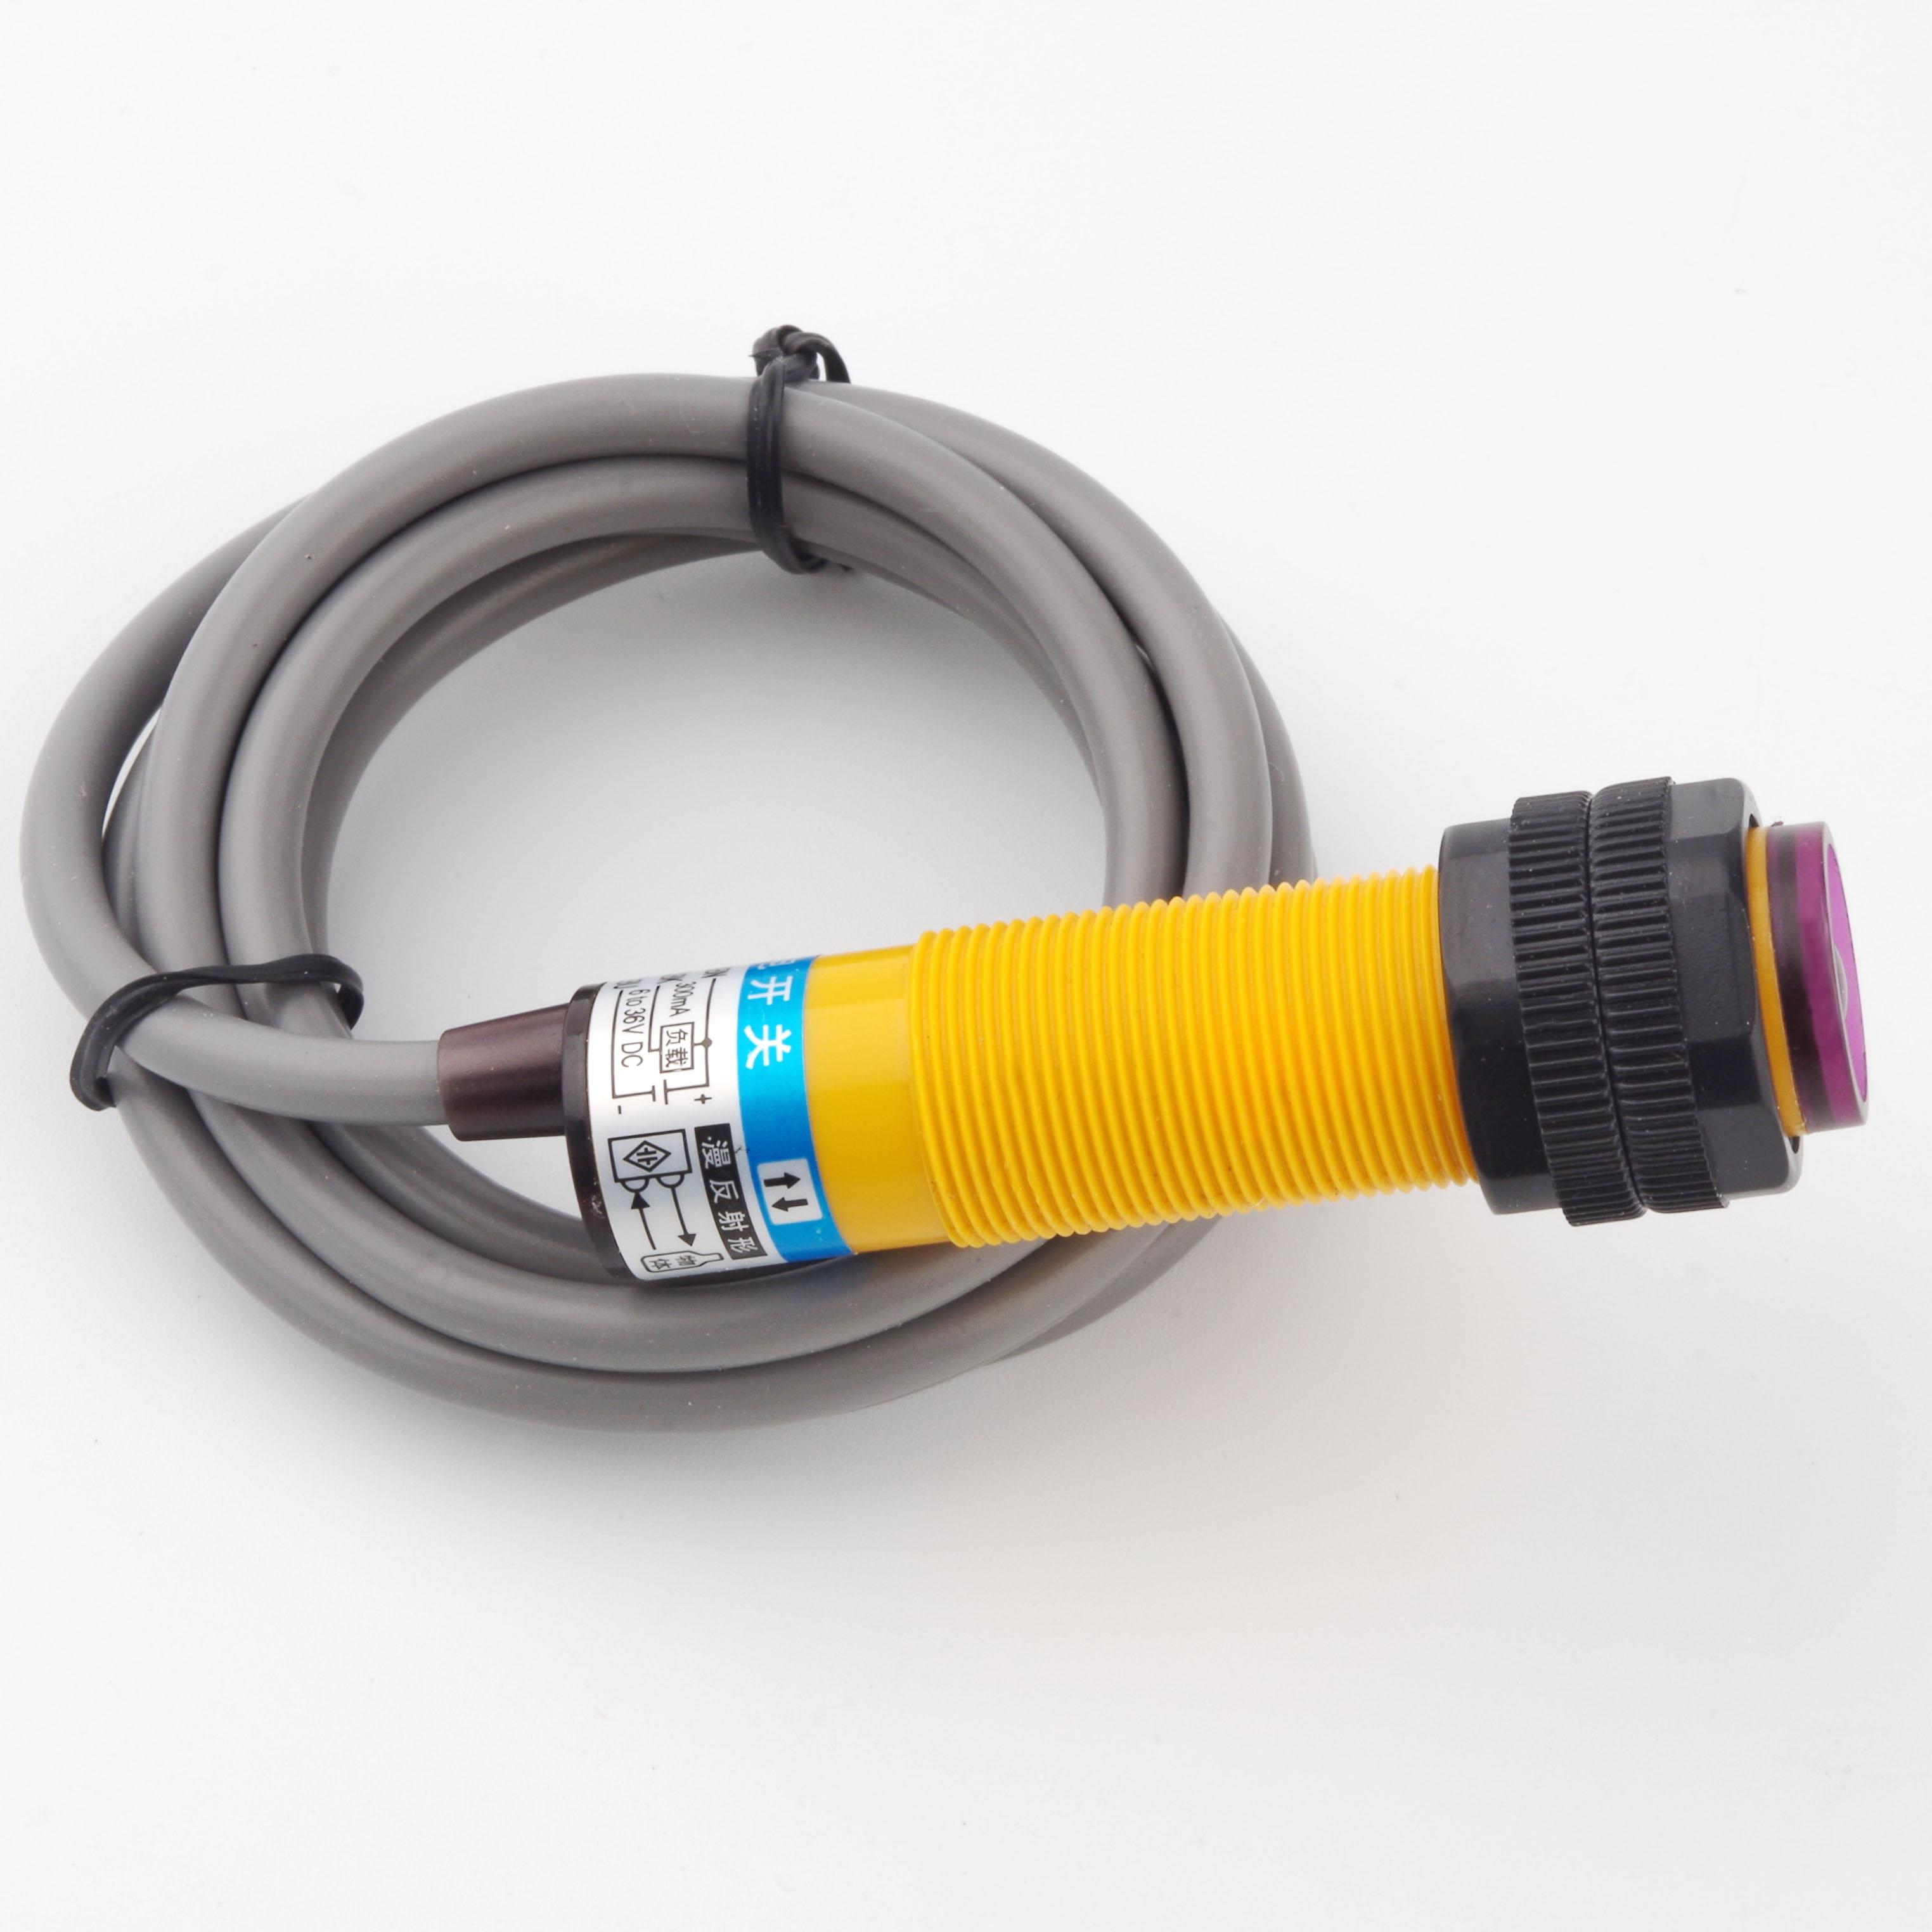 Фотодатчик 18 мм E3F цилиндрический фотоэлектрический датчик E3F-DS10B4 цилиндрический резьбовой оптический датчик приближения